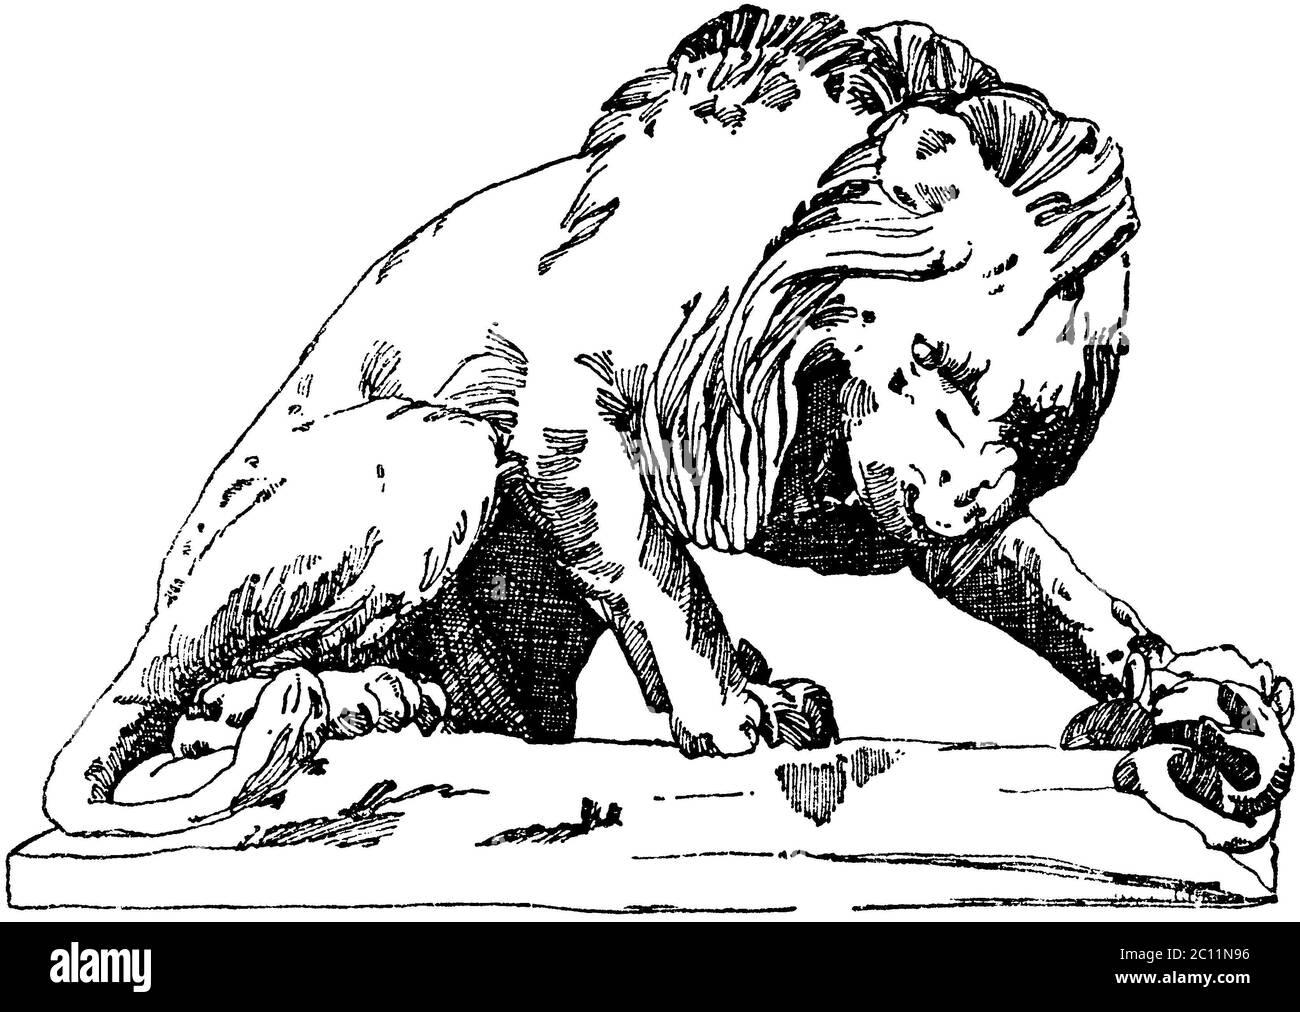 león / Panthera leo / Löwe aus den Tuilerien (Terrasse du bord-de-l'eau) en París. 19. Jahrhundert. (Baldus, Raguenet) / libro de patrones, ) Foto de stock